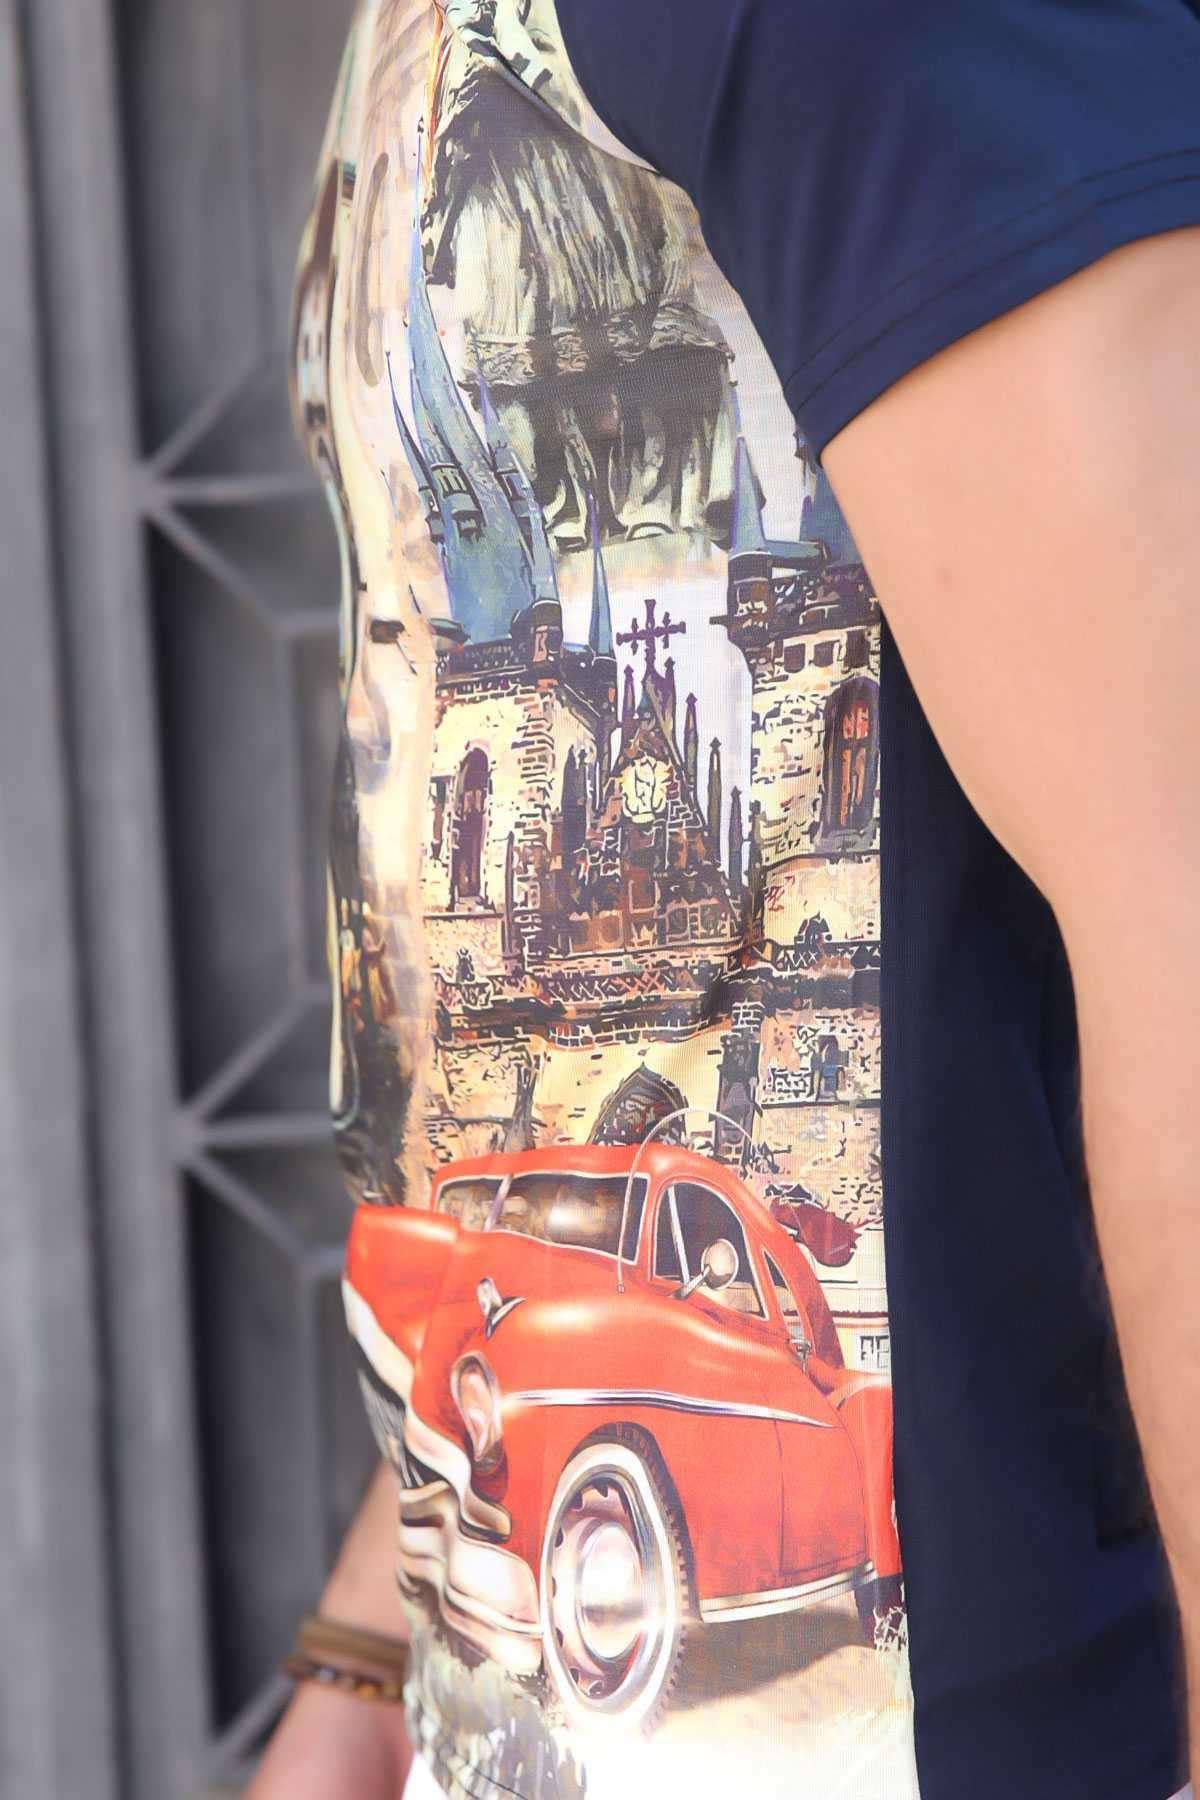 Krmızı Araba Baskı V Yaka Dijital Tişört Lacivert